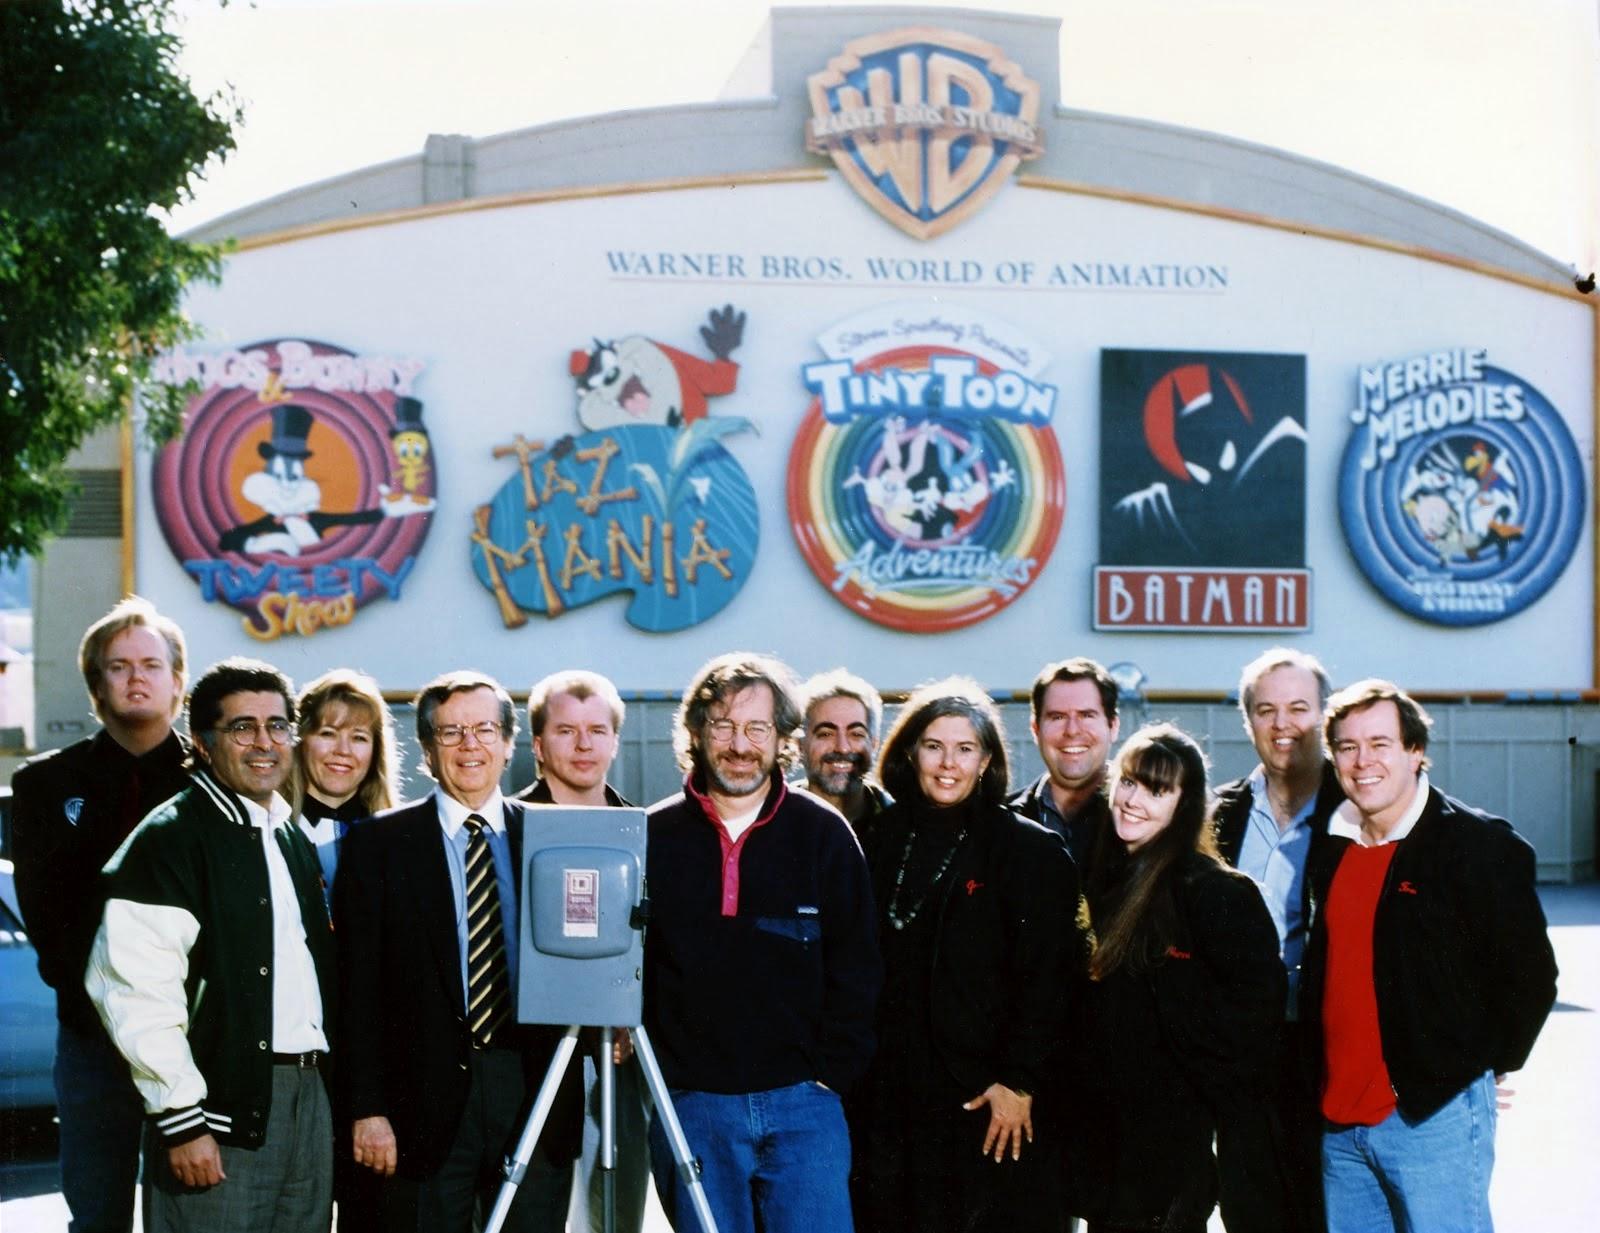 Una foto con las cabezas importantes de Warner Bros en los años 90. A la izquierda puede verse a Bruce Timm y al centro, el director Steven Spielberg